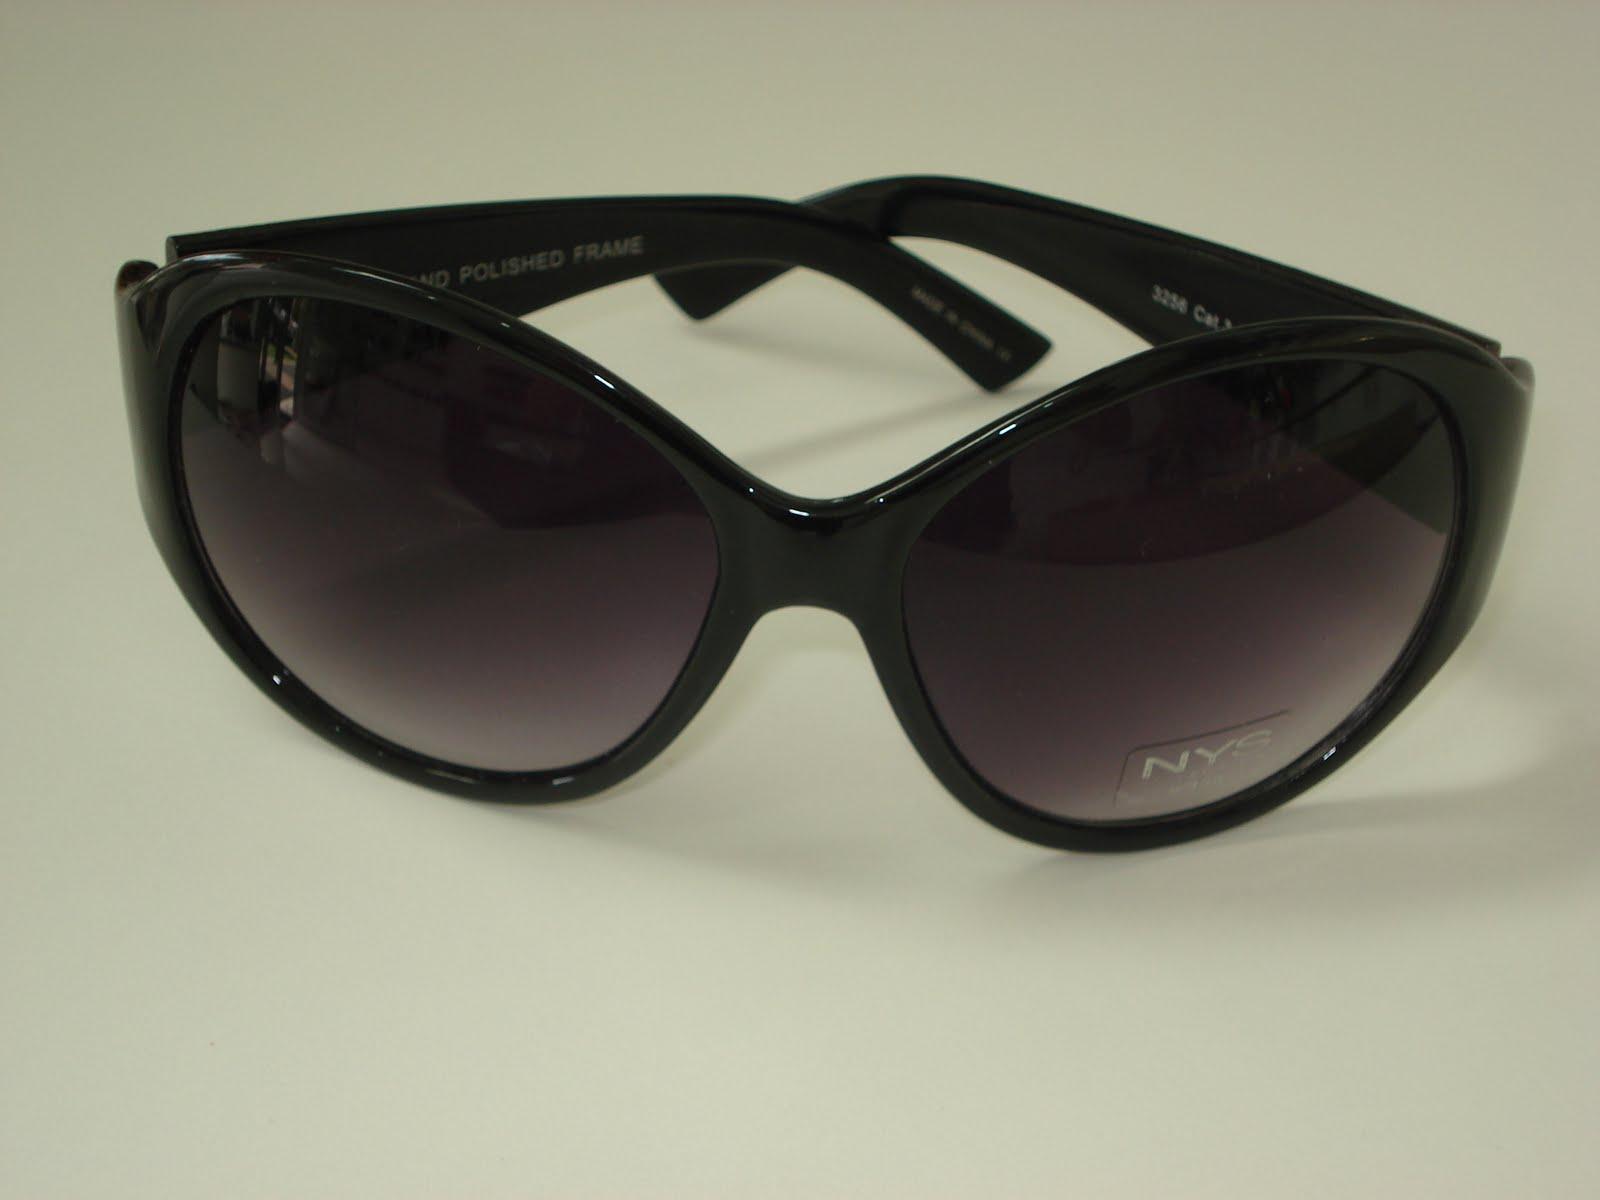 5165960dda519 LunaLux Artigos Femininos  Óculos NYS Collection - modelos!